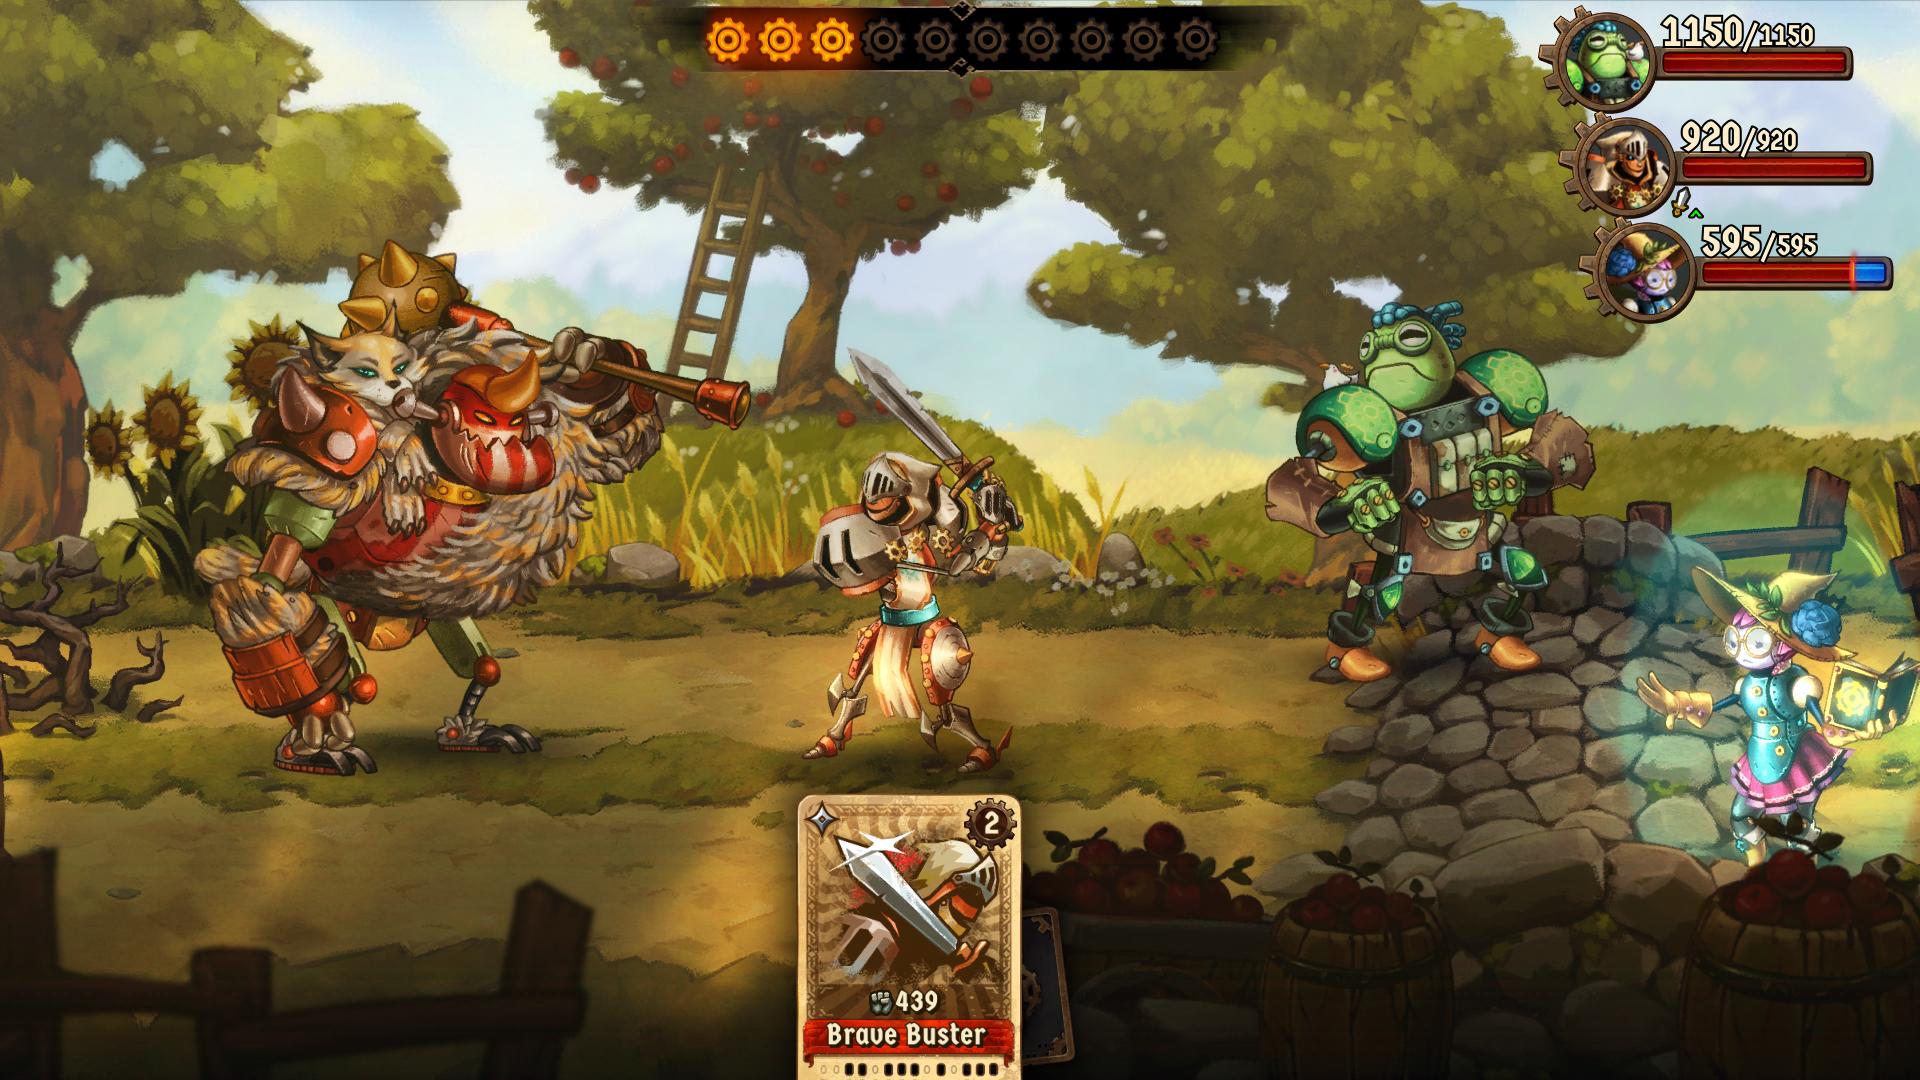 Le prime sessioni di gioco mostrano un gradevole ambiente bucolico.